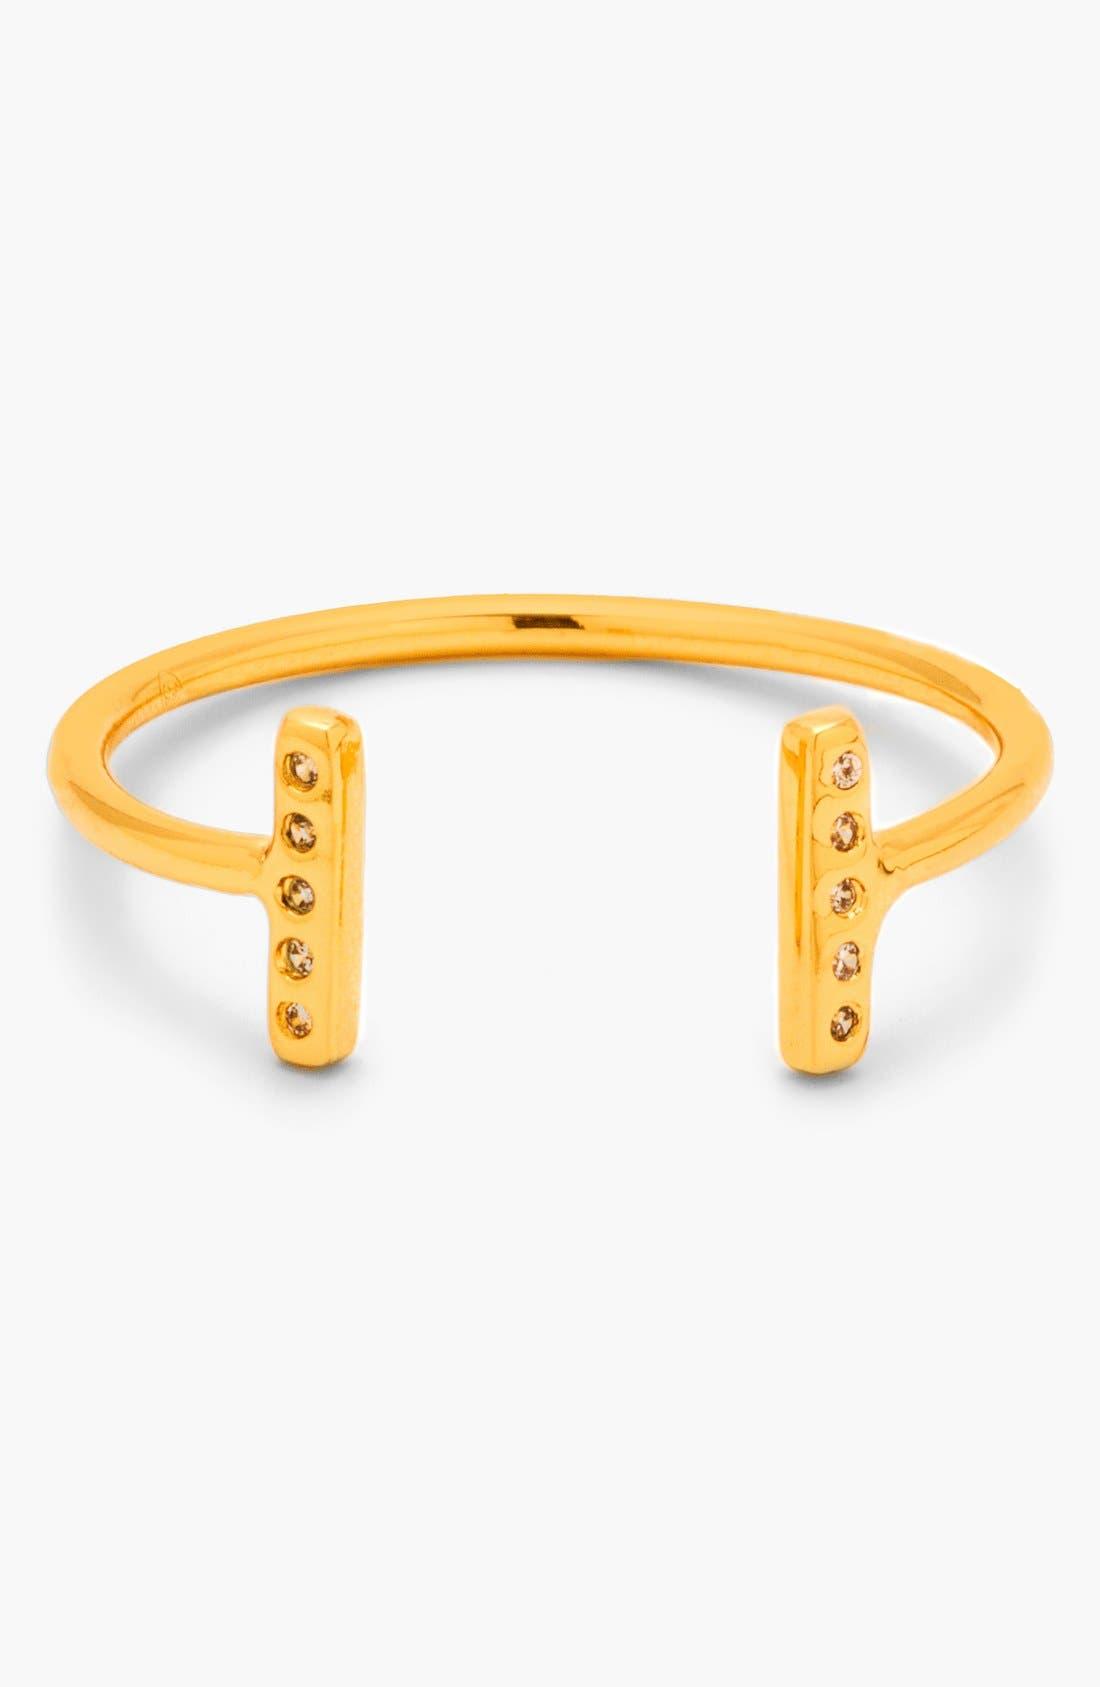 Main Image - gorjana 'Vesta' Open Ring